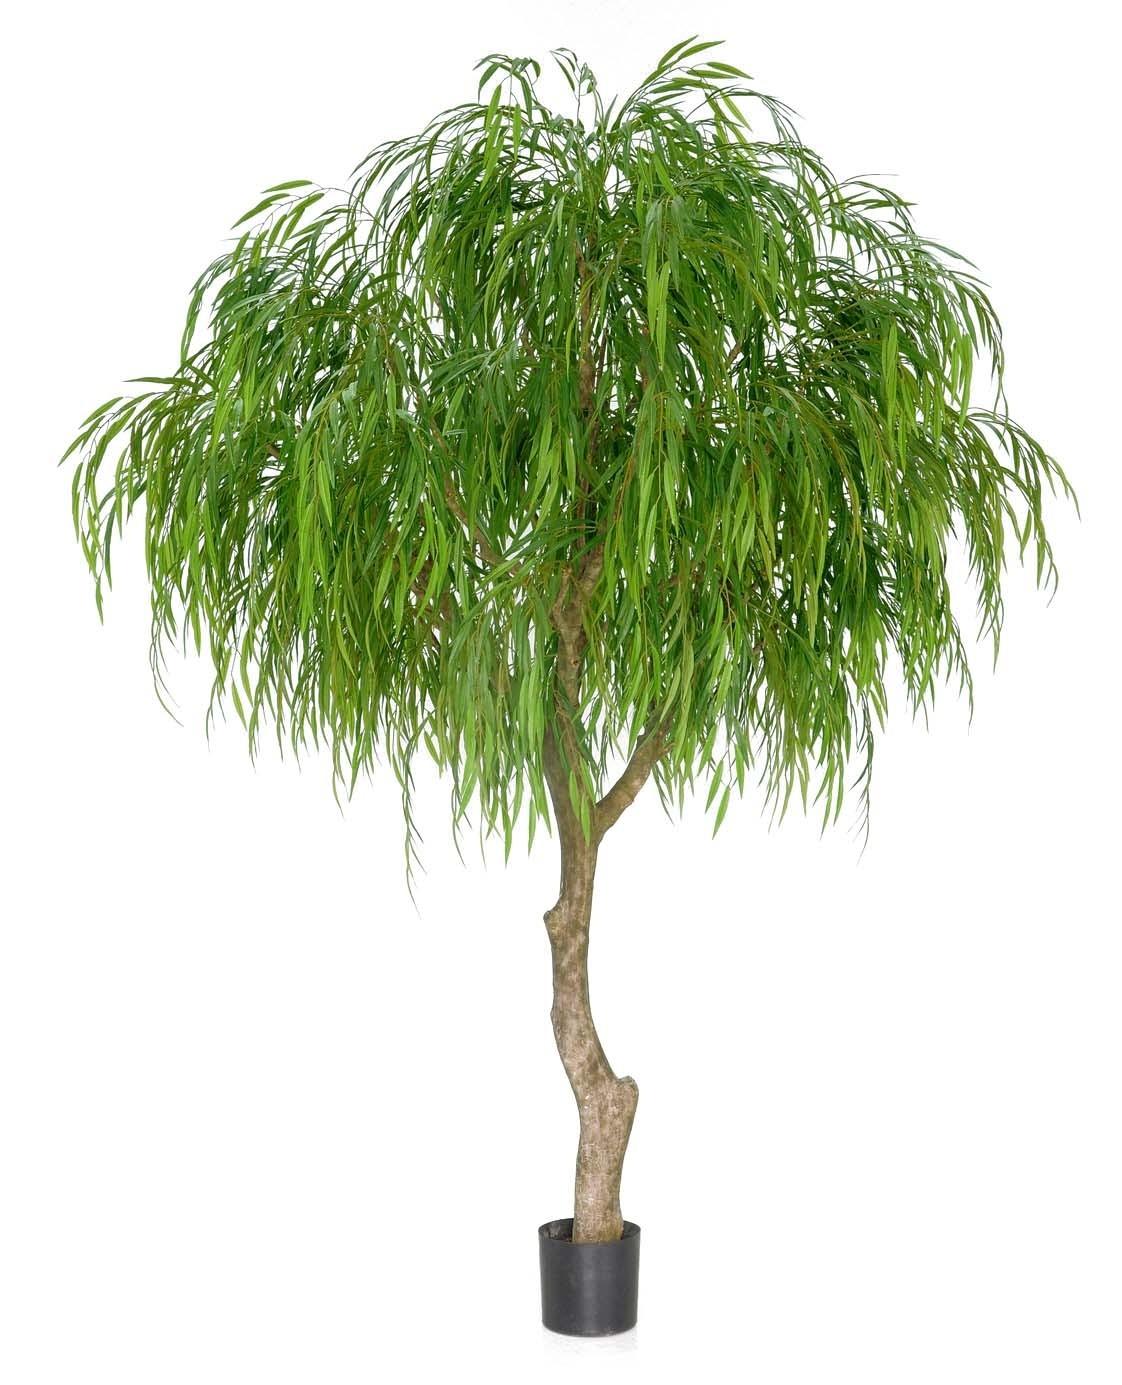 Tårpil, Weeping willow tree, konstgjort